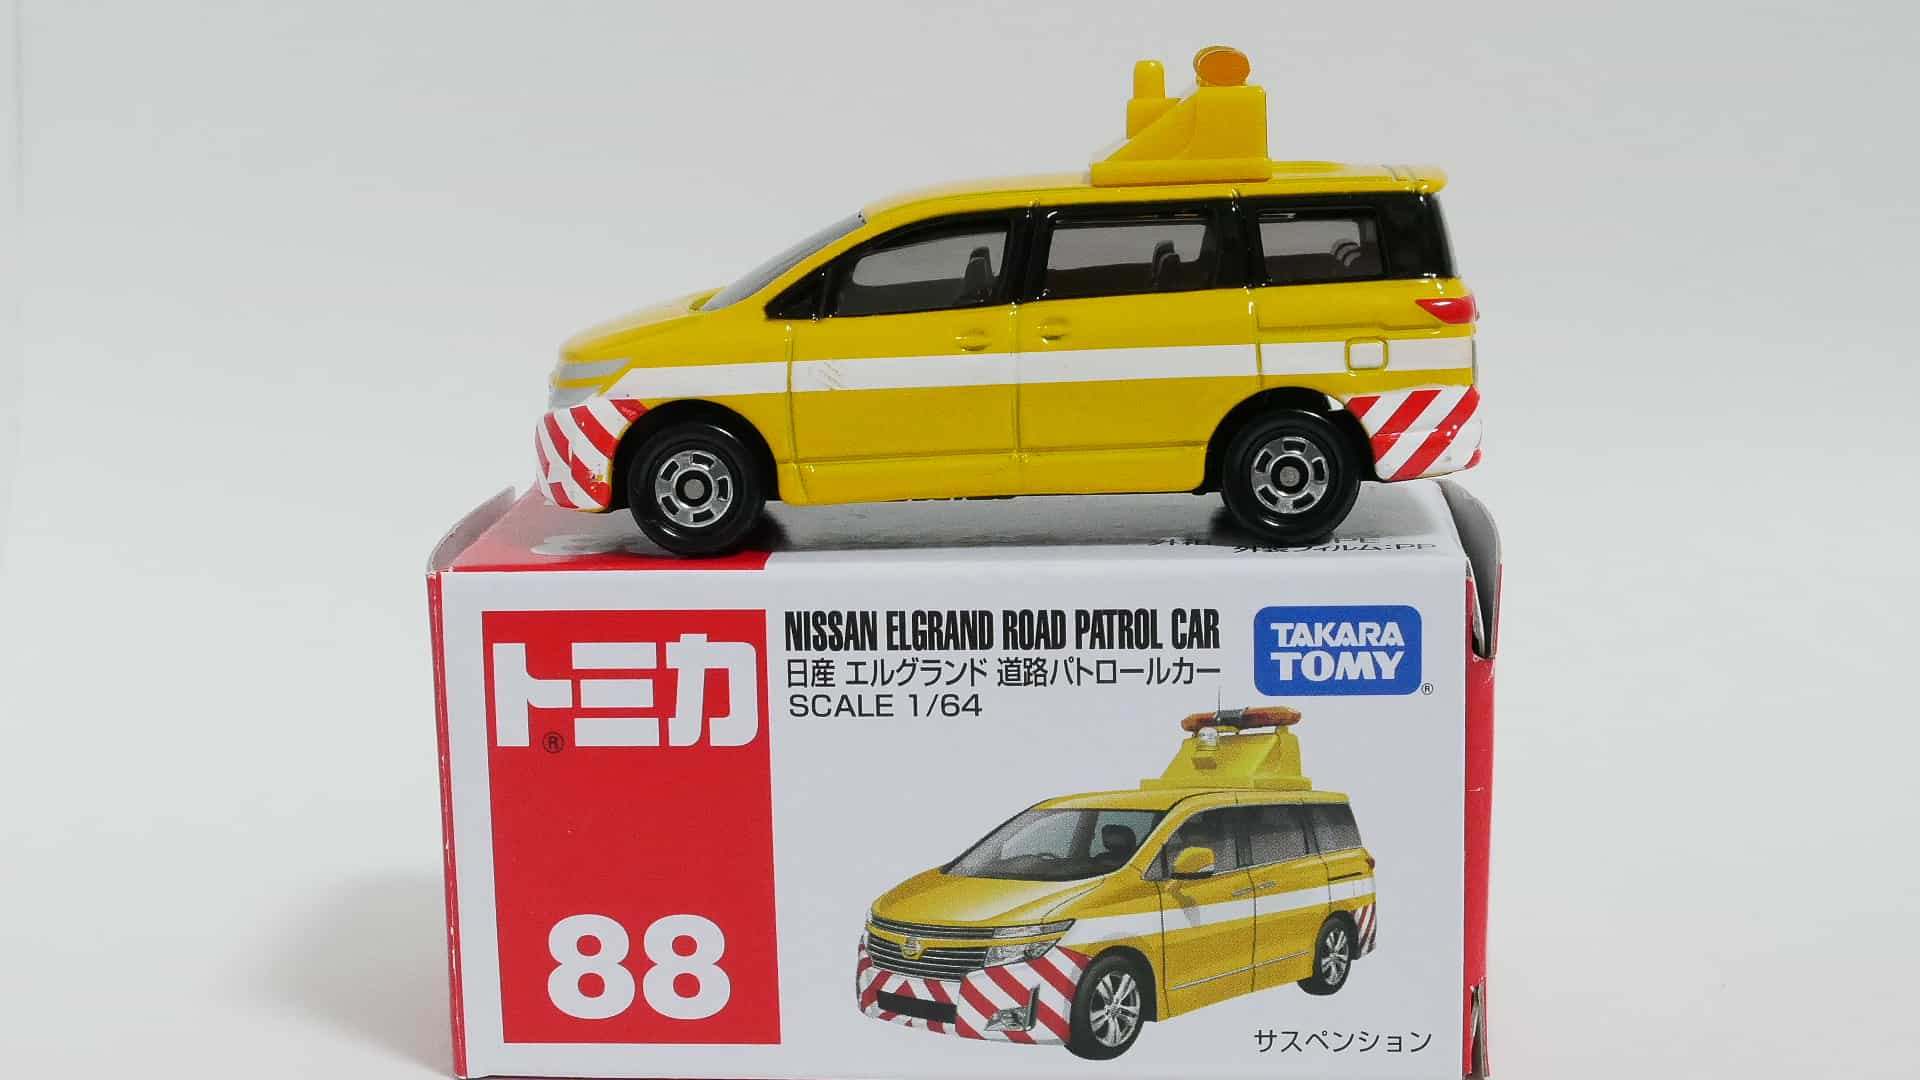 トミカNo.88-6日産エルグランド 道路パトロールカー-箱